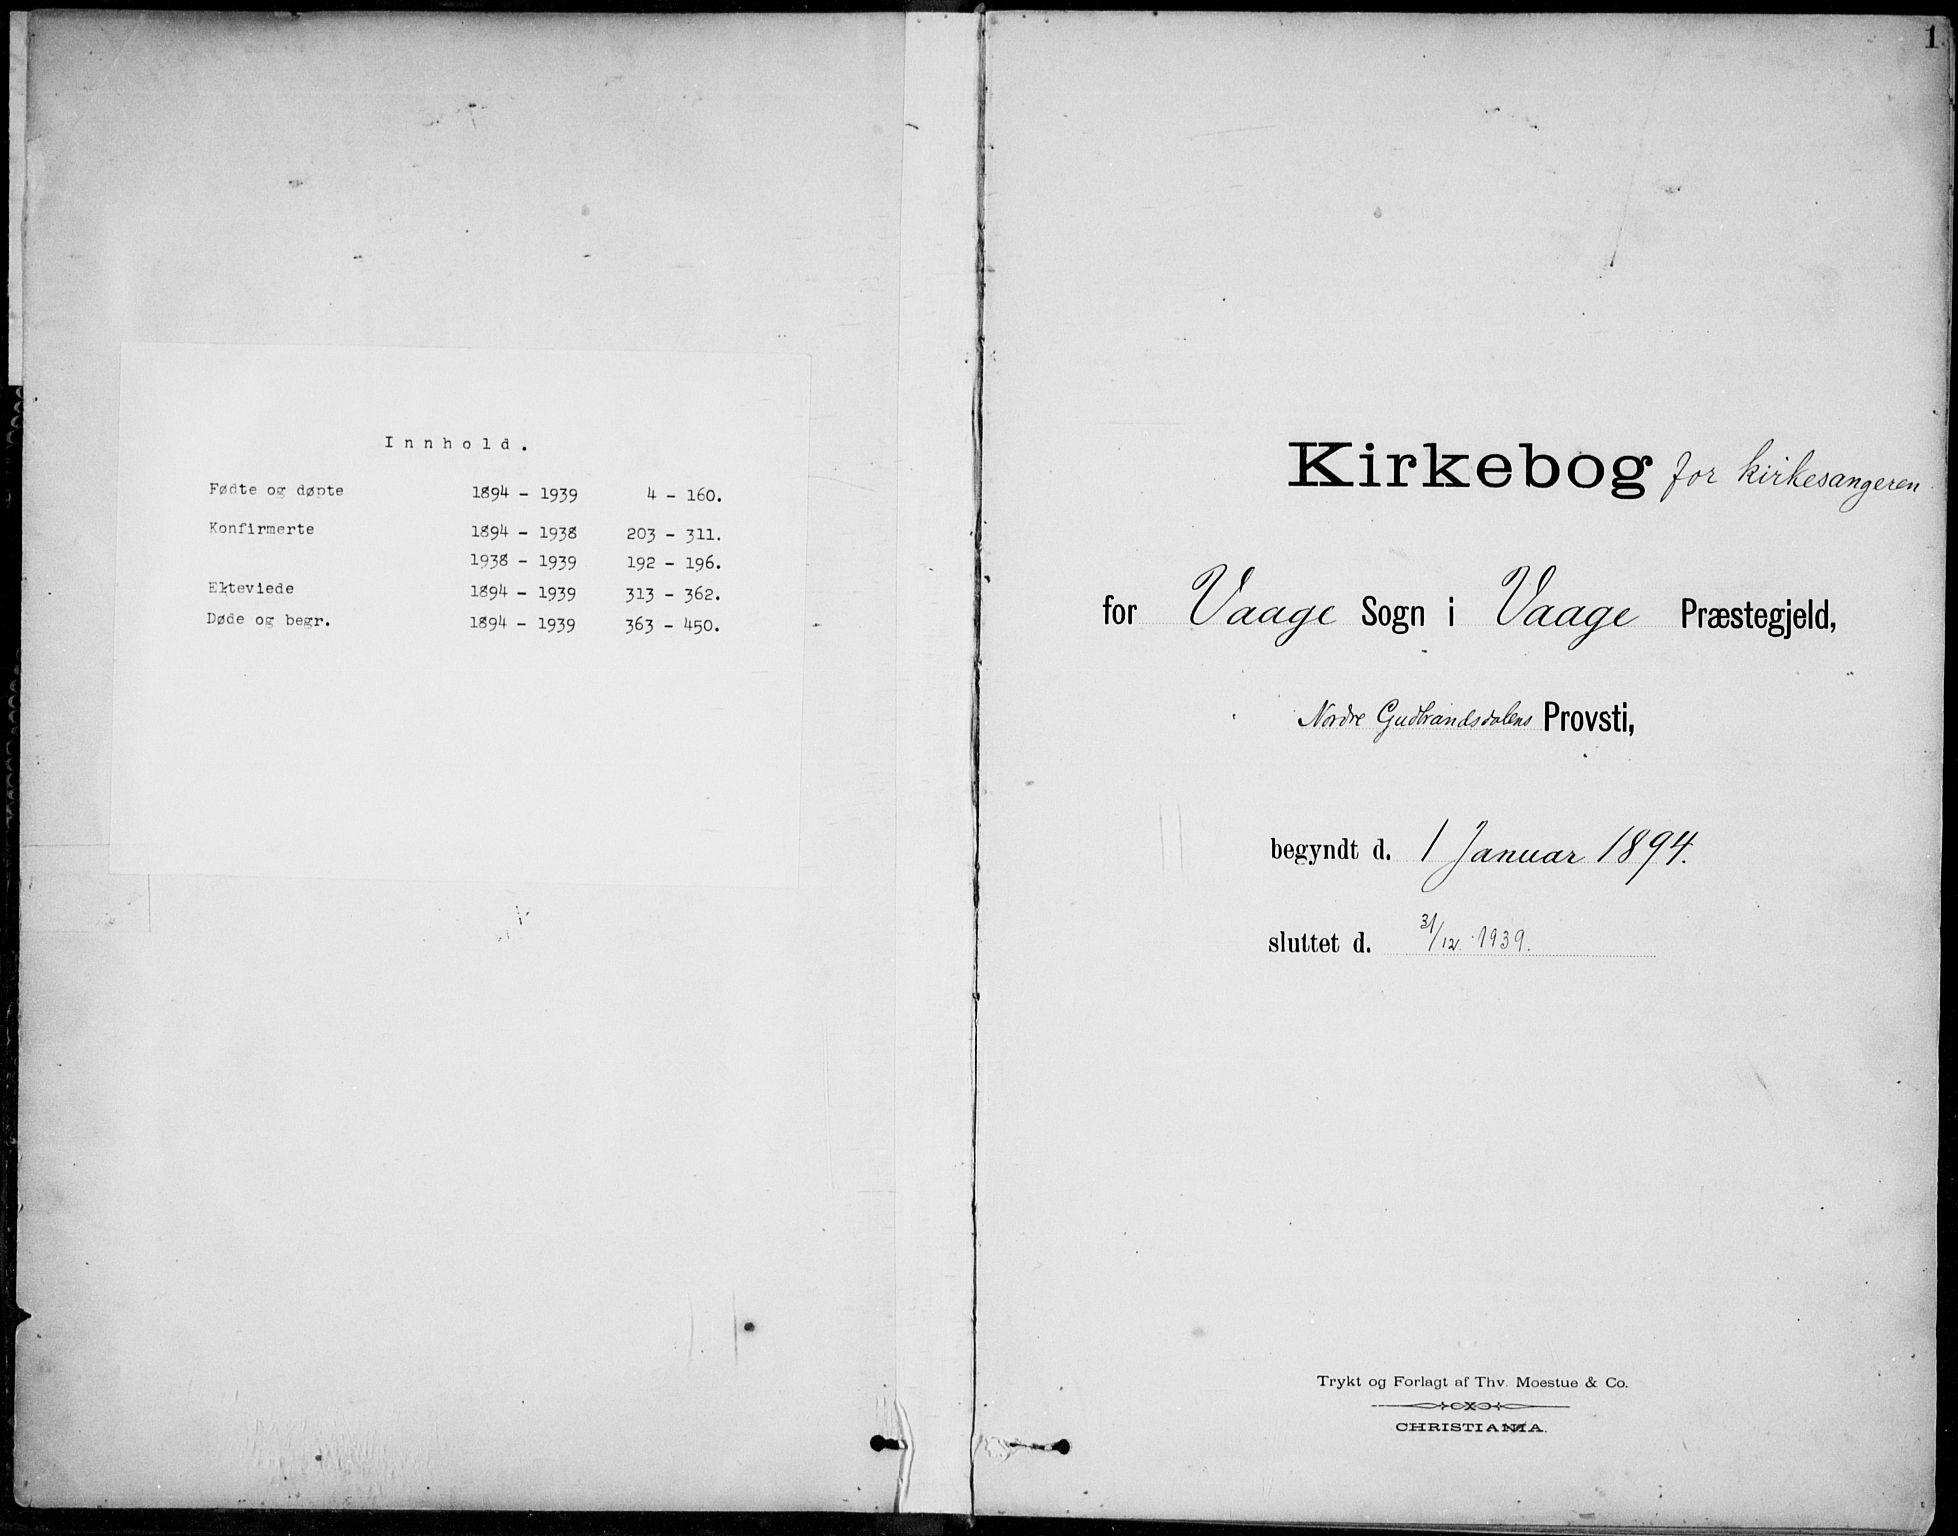 SAH, Vågå prestekontor, Klokkerbok nr. 2, 1894-1939, s. 1